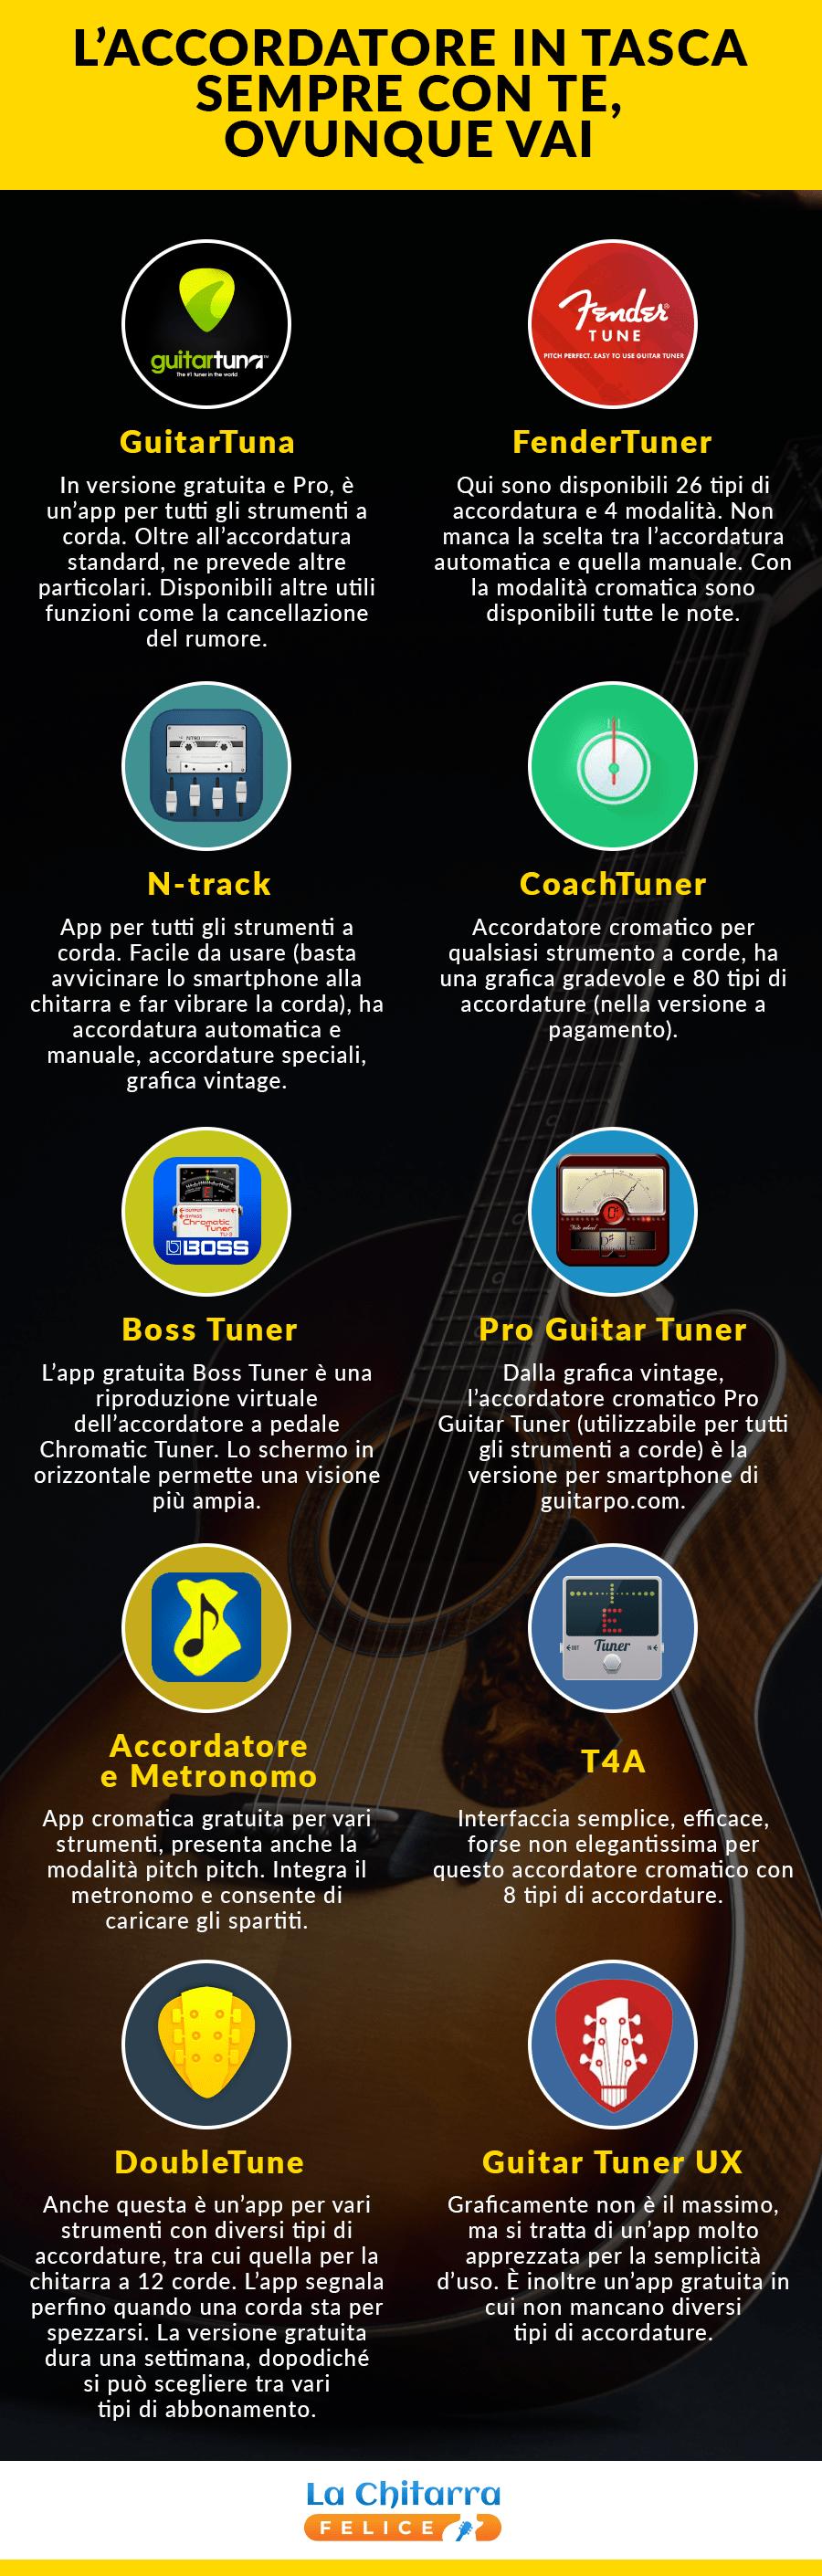 app, applicazione, accordatore chitarra, chitarra classica, chitarra acustica, chitarra elettrica